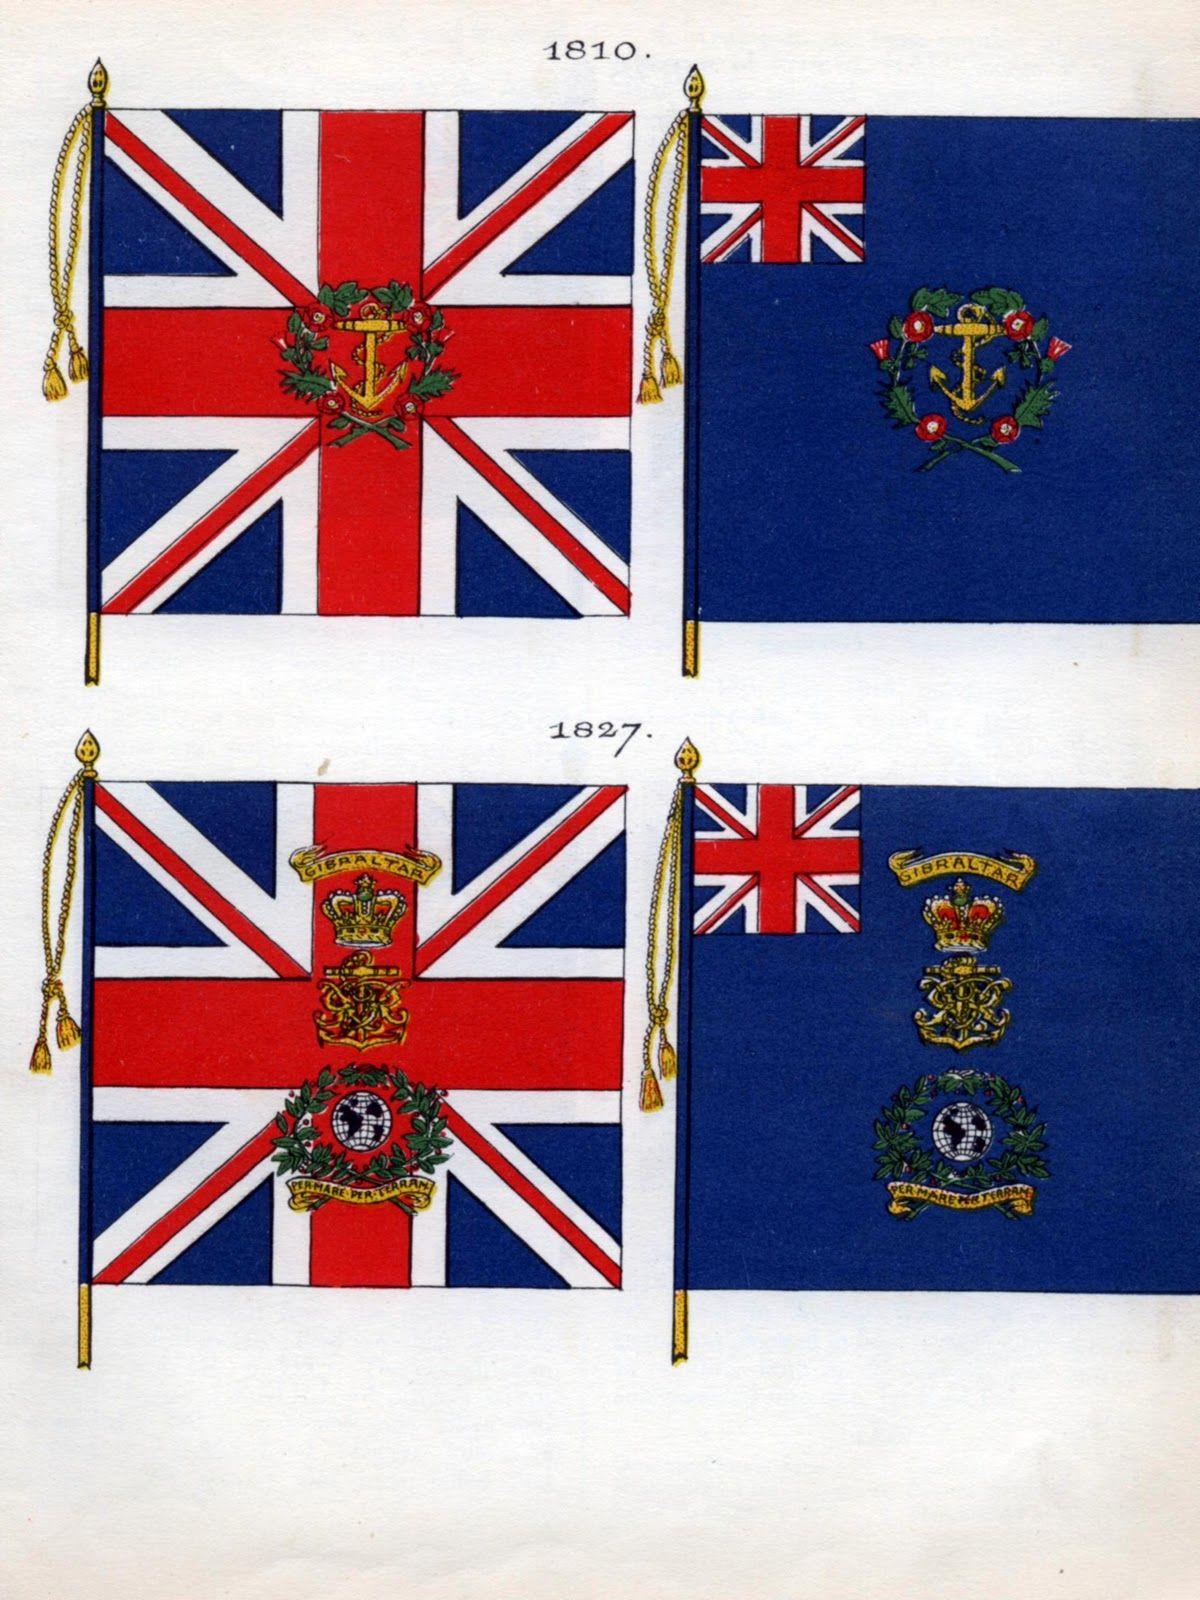 Includo Le Immagini Delle Bandiere Dei Royal Marines Britannici Cosi Come Mi Sono State Inviate Dal Royal Mar Royal Marines Marine Flag Royal Marine Commando